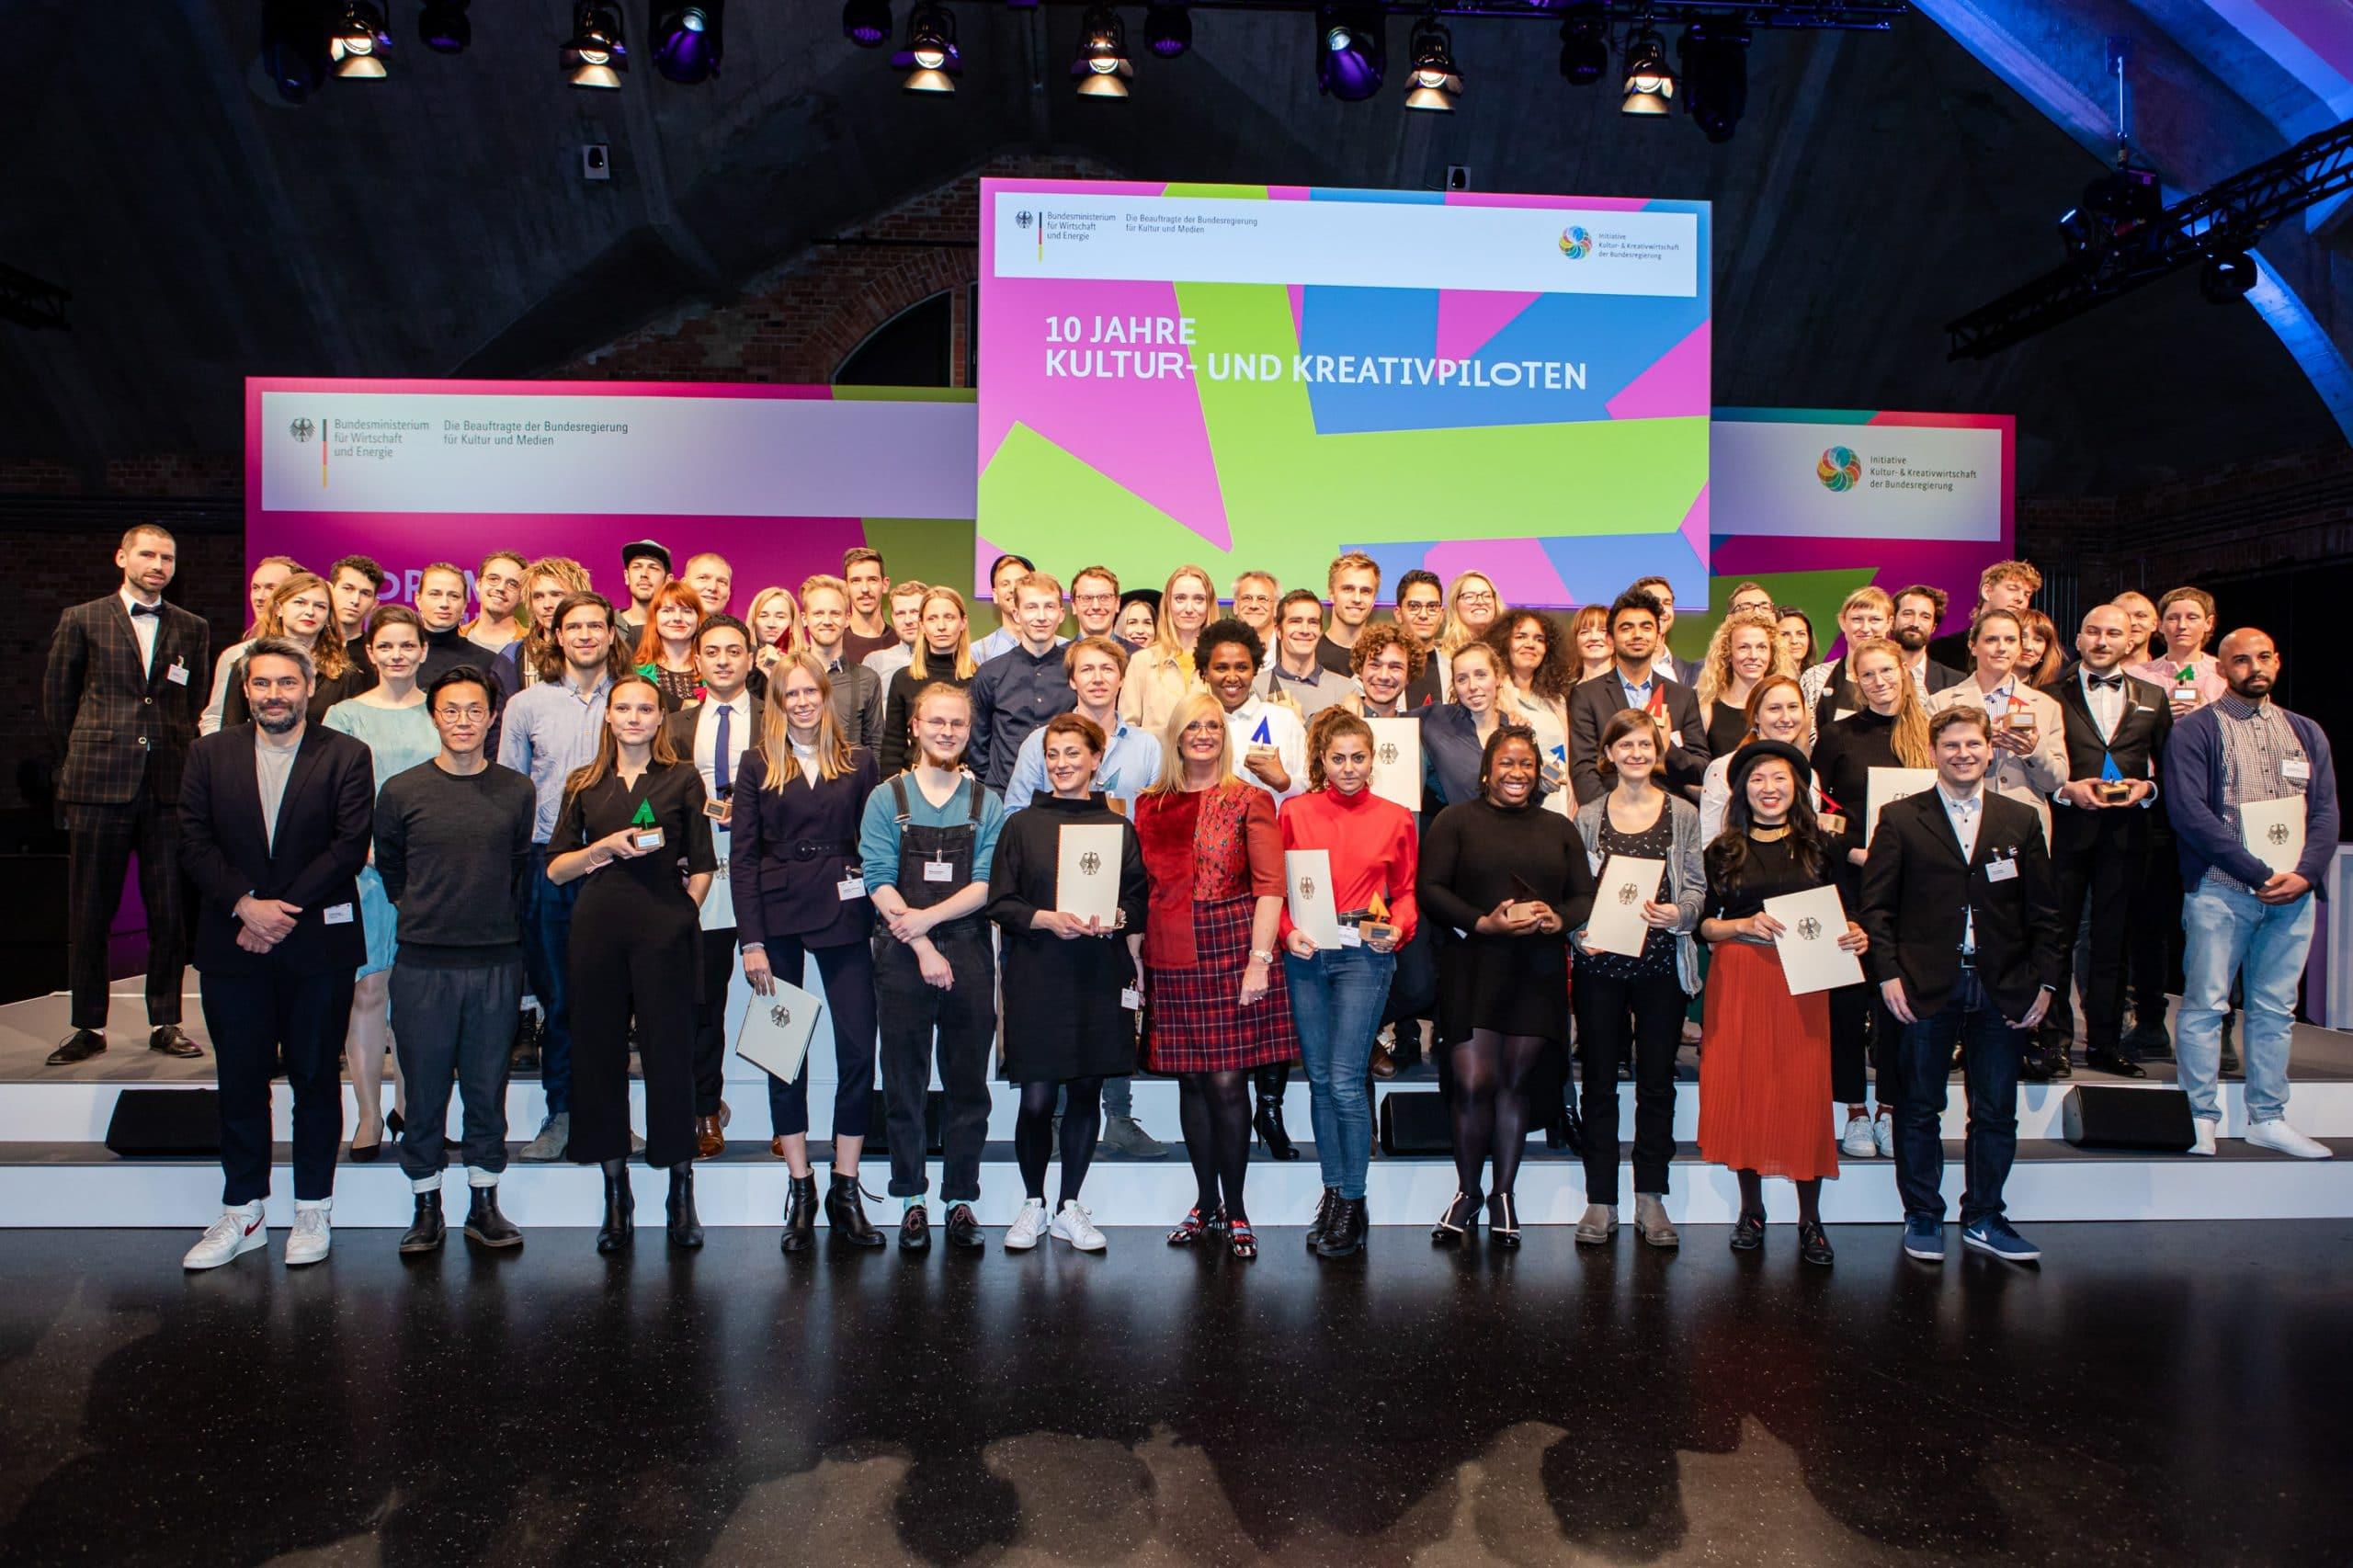 Forum Kultur und Kreativwirtschaft 2019 | WEEC, Berlin – 12.11.2019